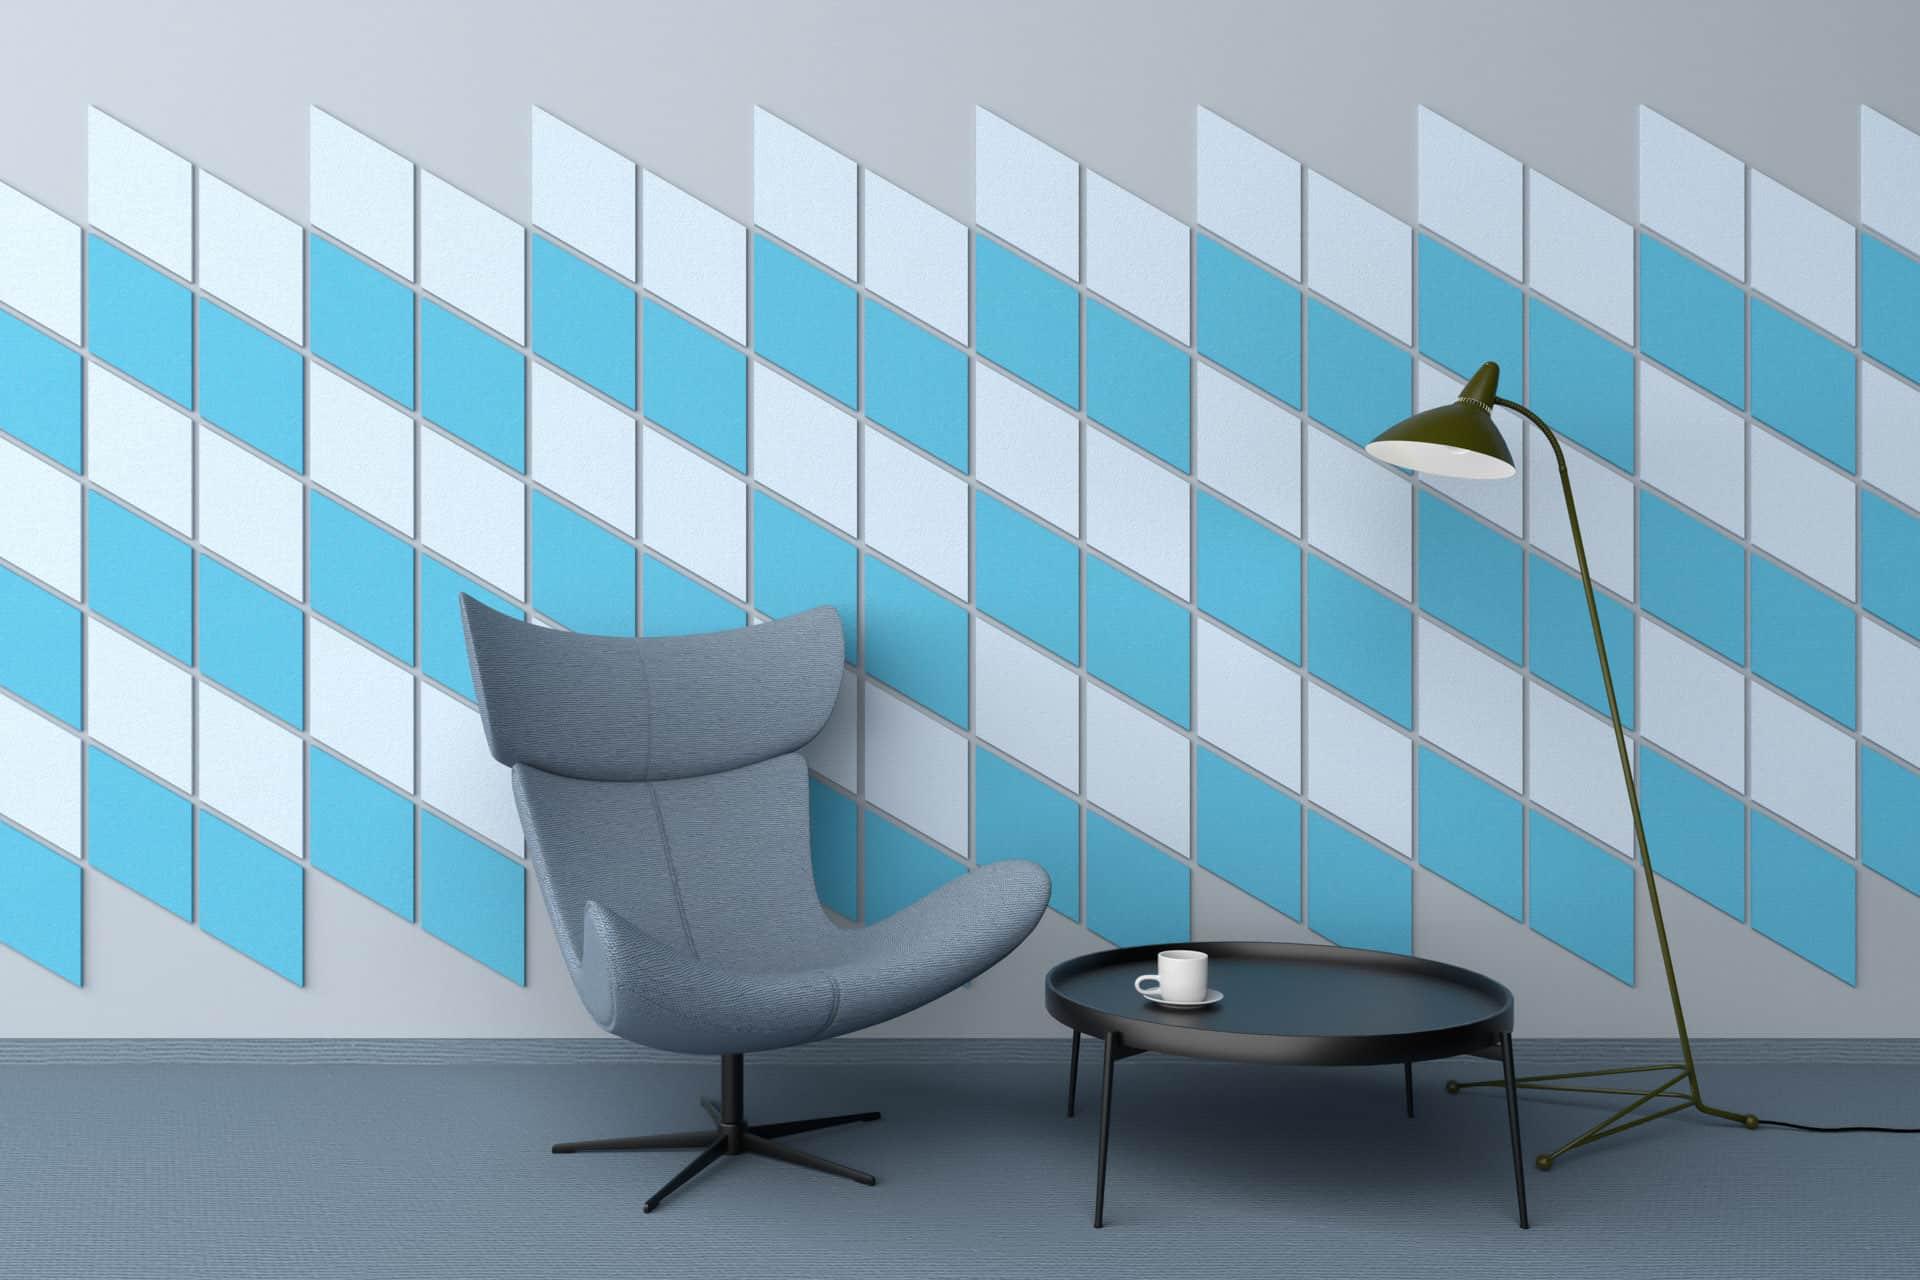 Panele dekoracyjne dźwiękochłonne w kształcie rombów na ścianie w salonie